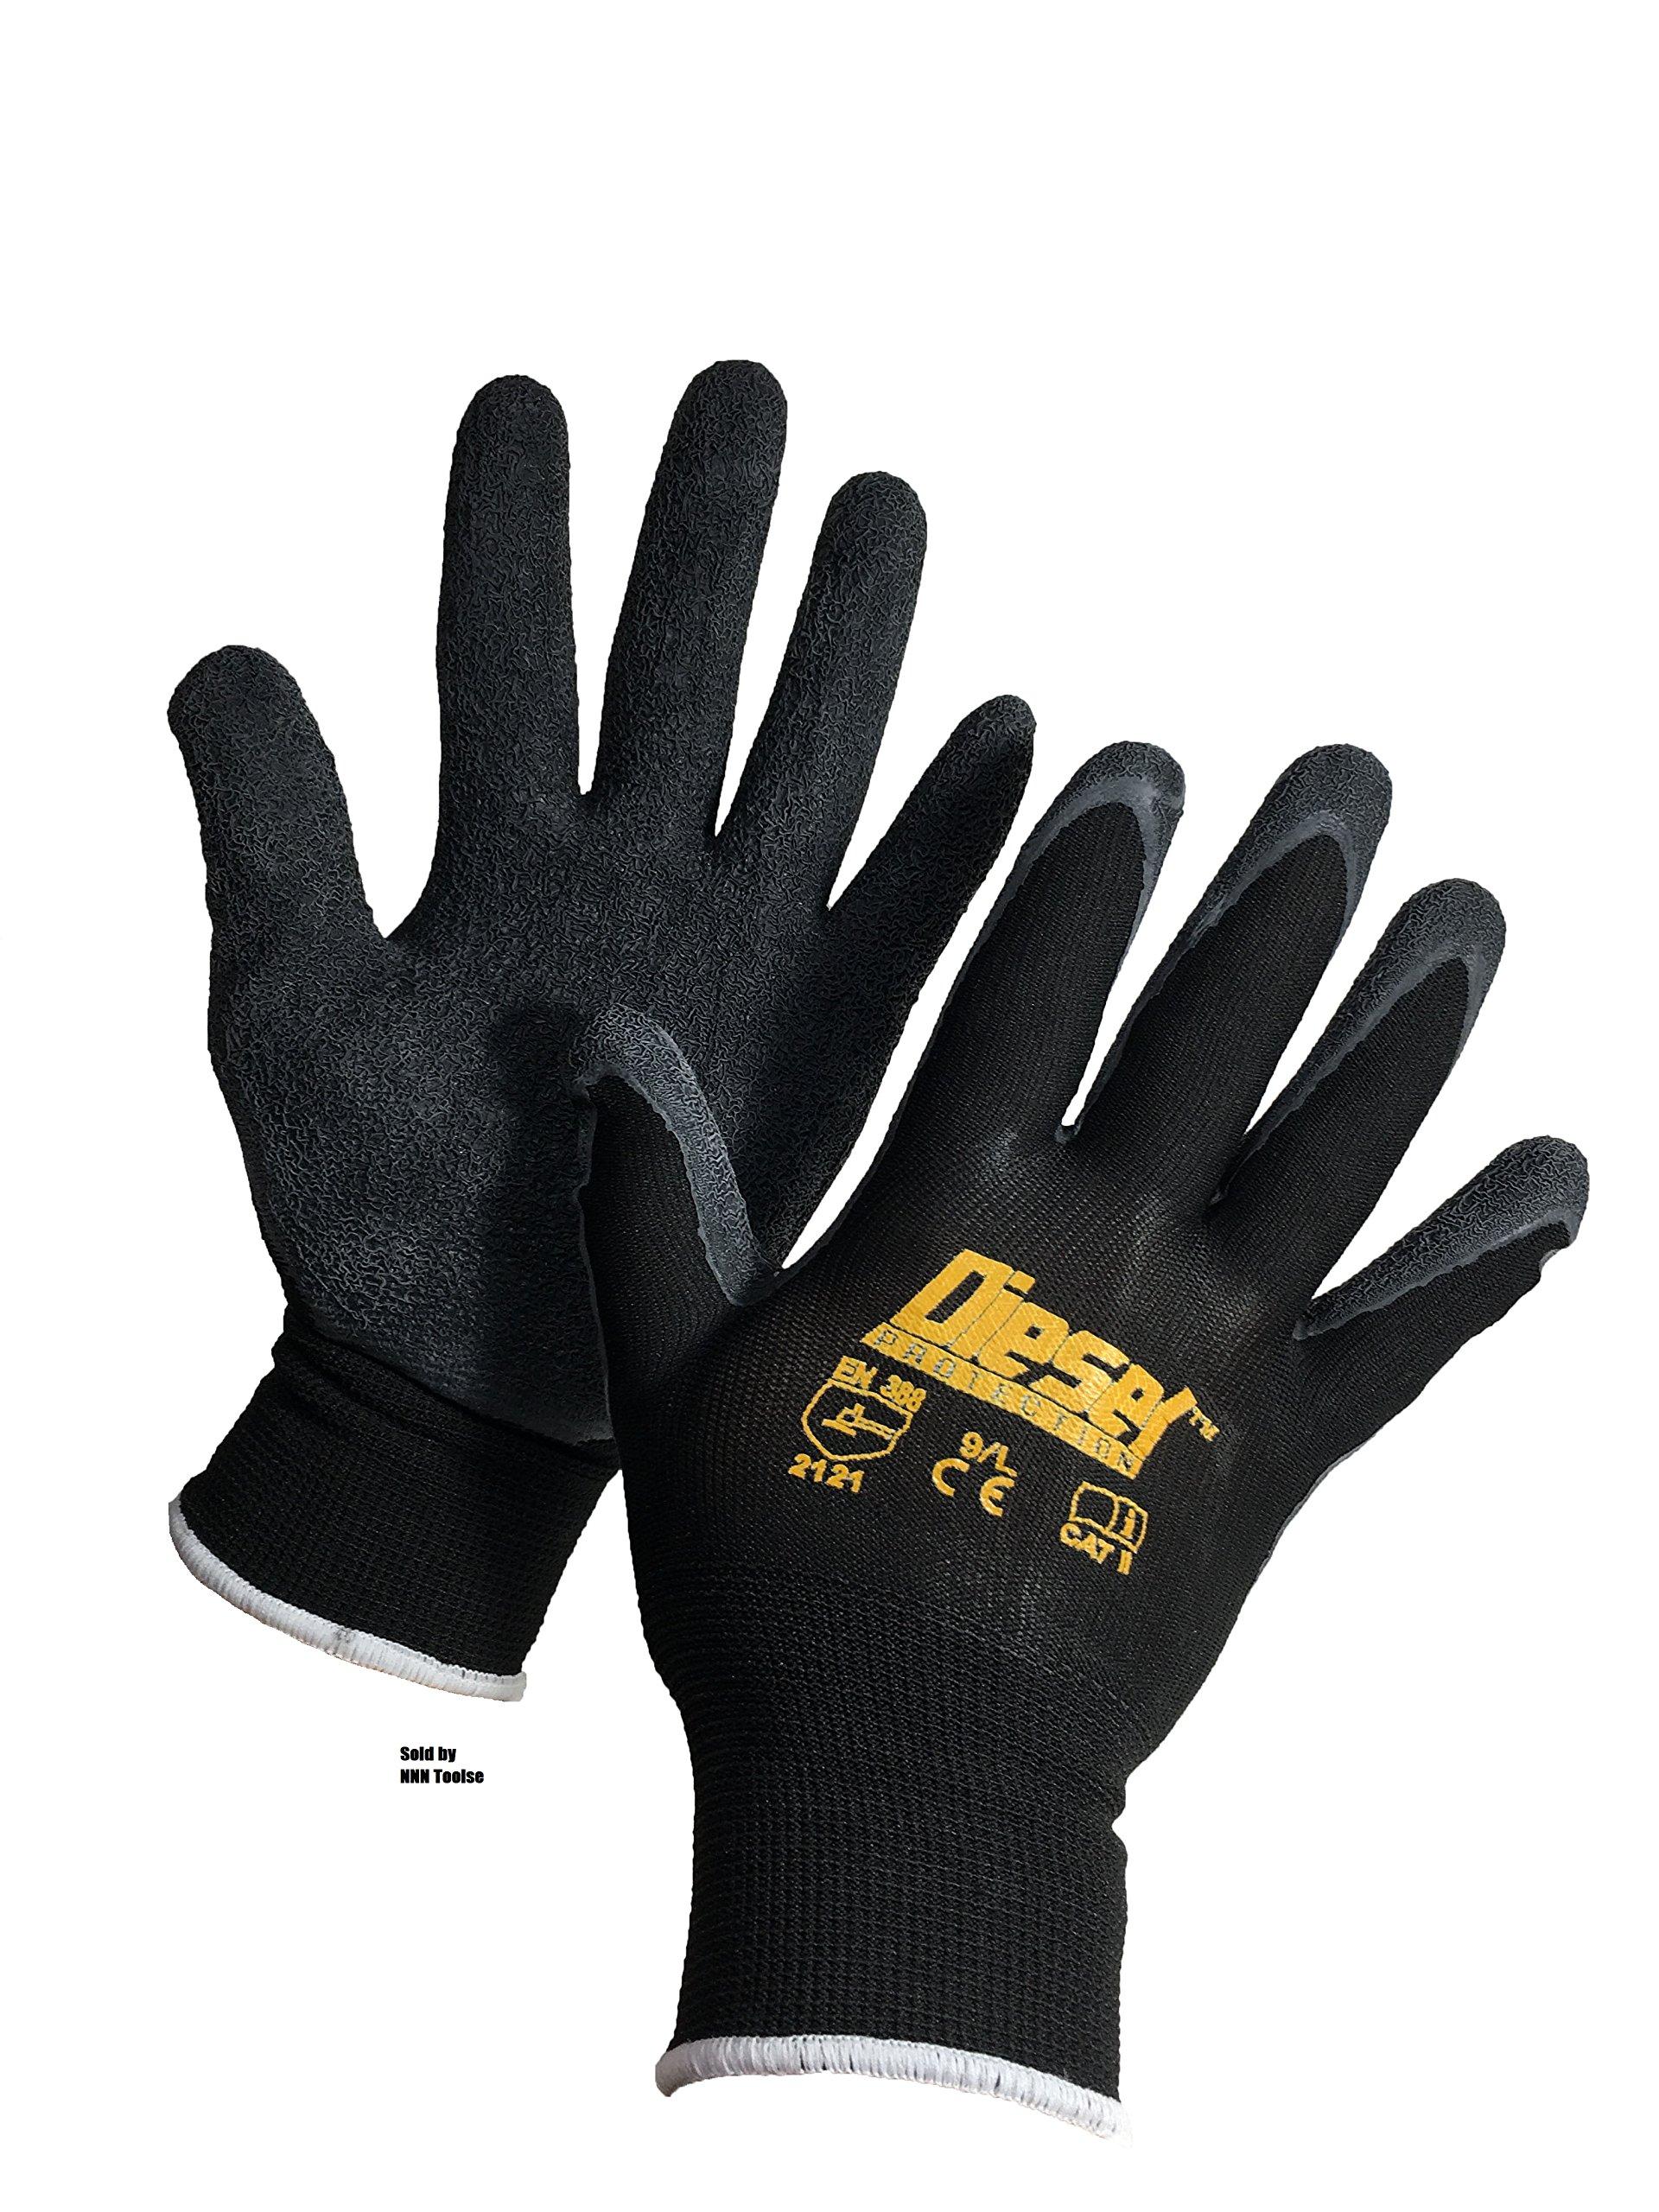 Large/ 6 Pair Diesel-Grip Black Safety Gloves General Purpose